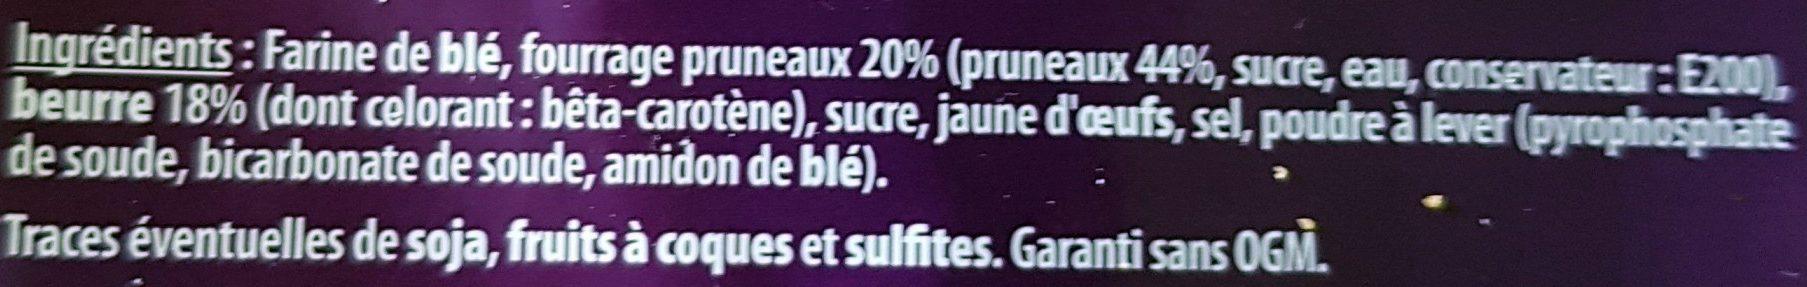 Gâteau Breton Crème de Pruneaux - Ingrédients